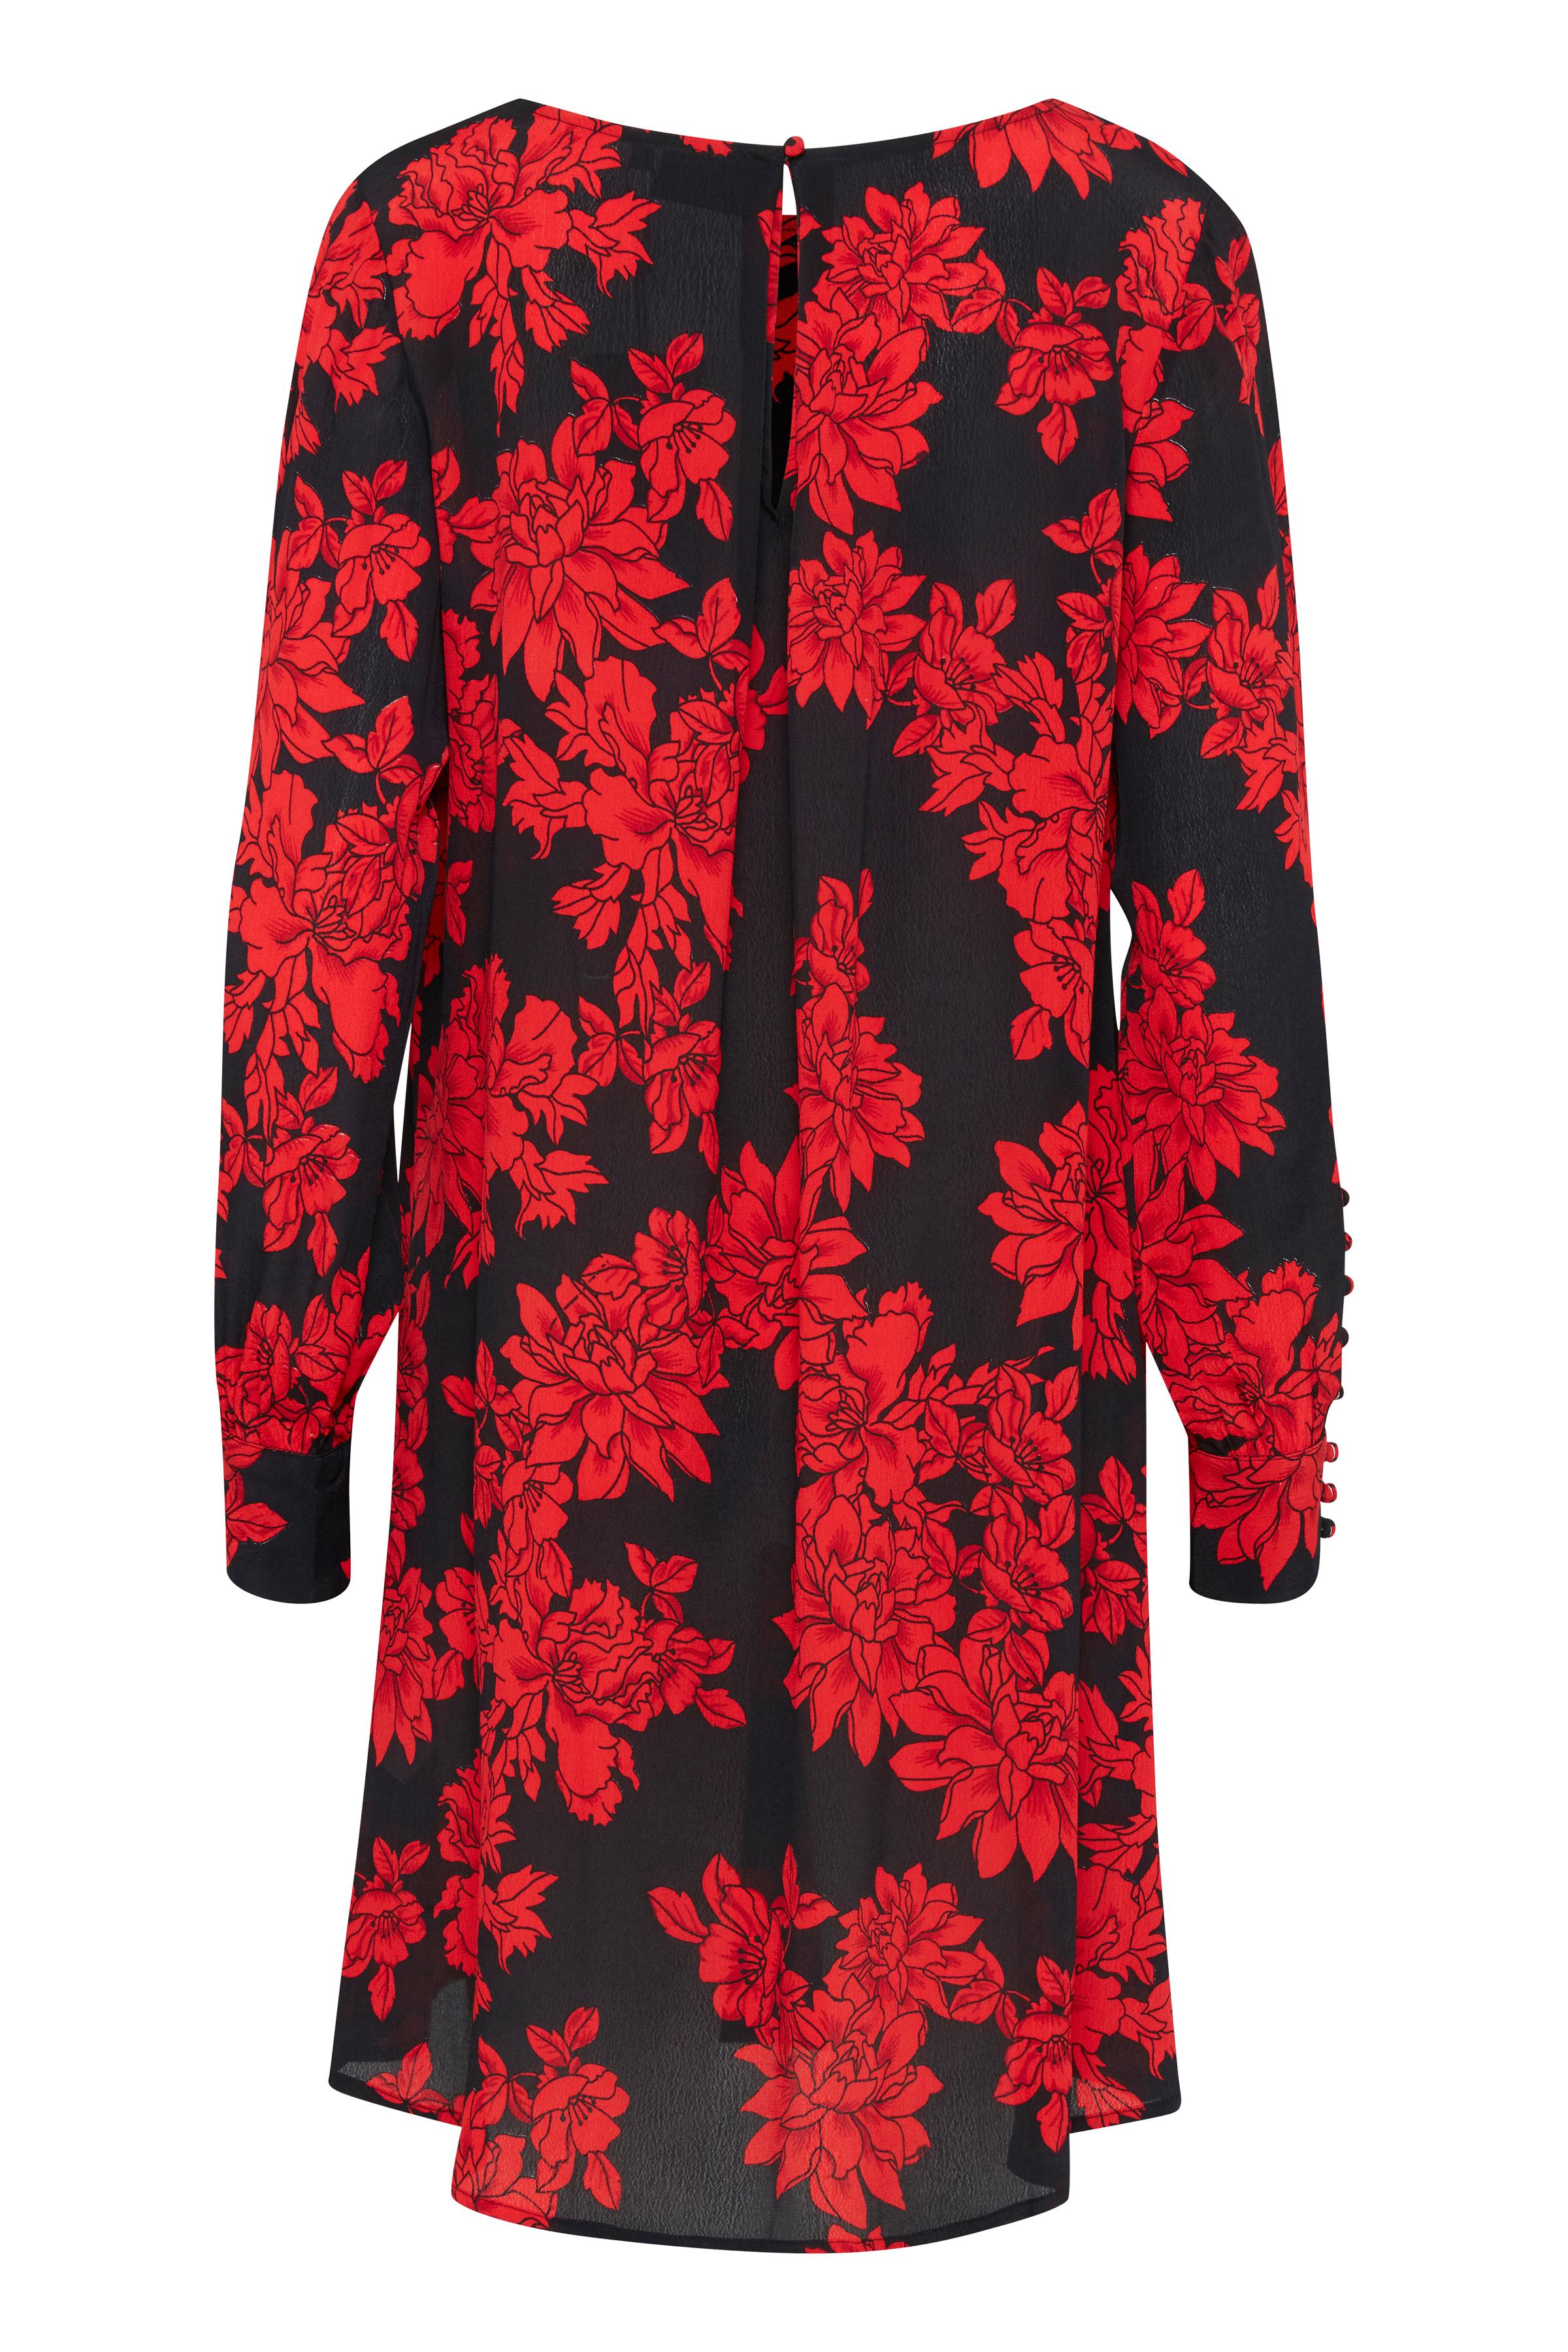 Black w. red flowers Jurk van b.young – Koop Black w. red flowers Jurk hier van size 36-44